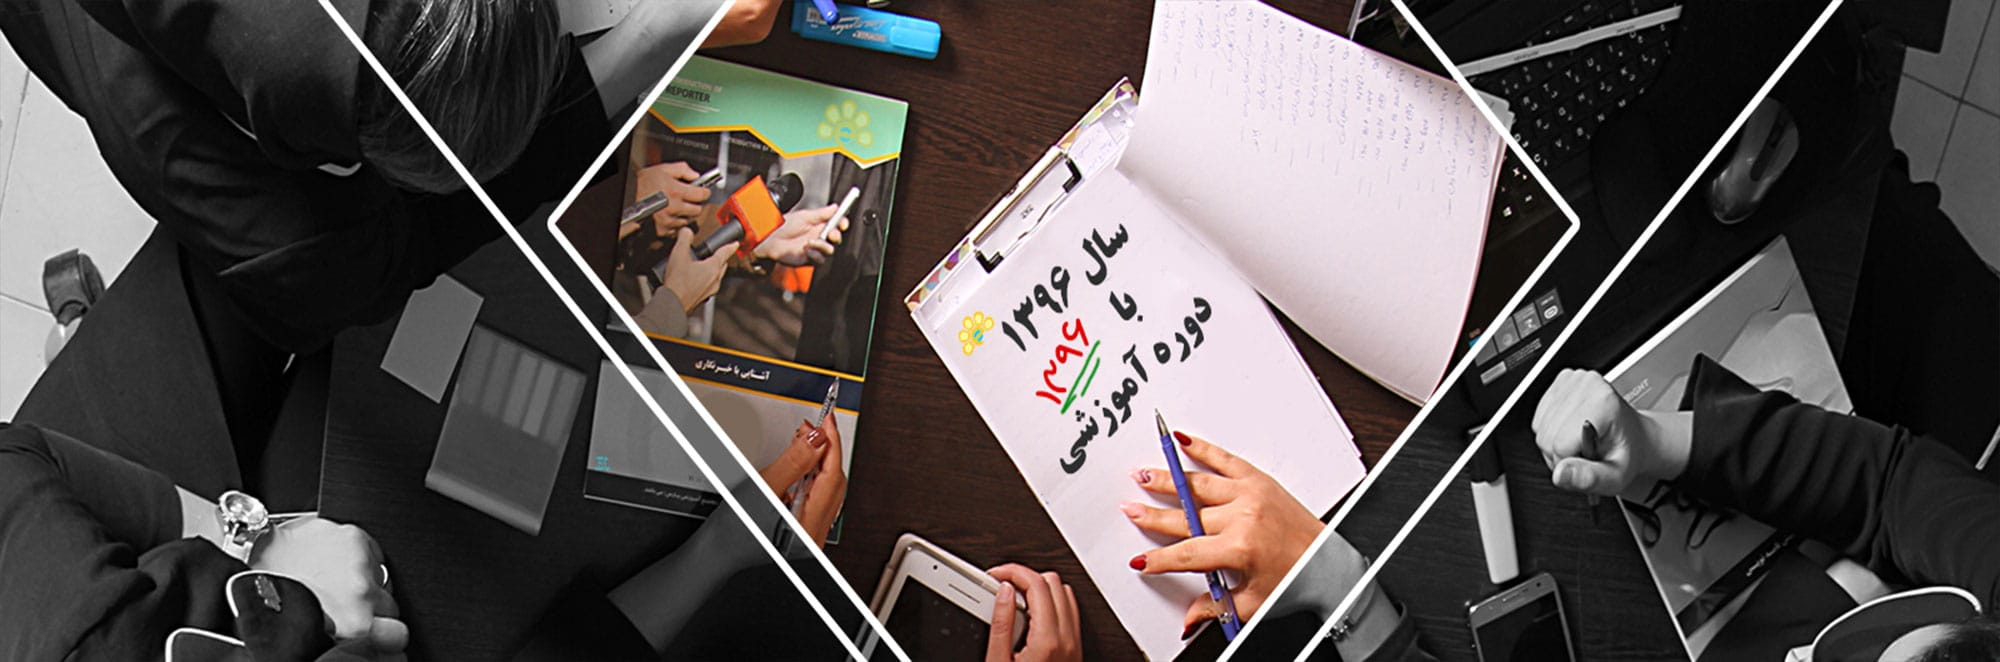 مرکز آموزش مجازی پارس